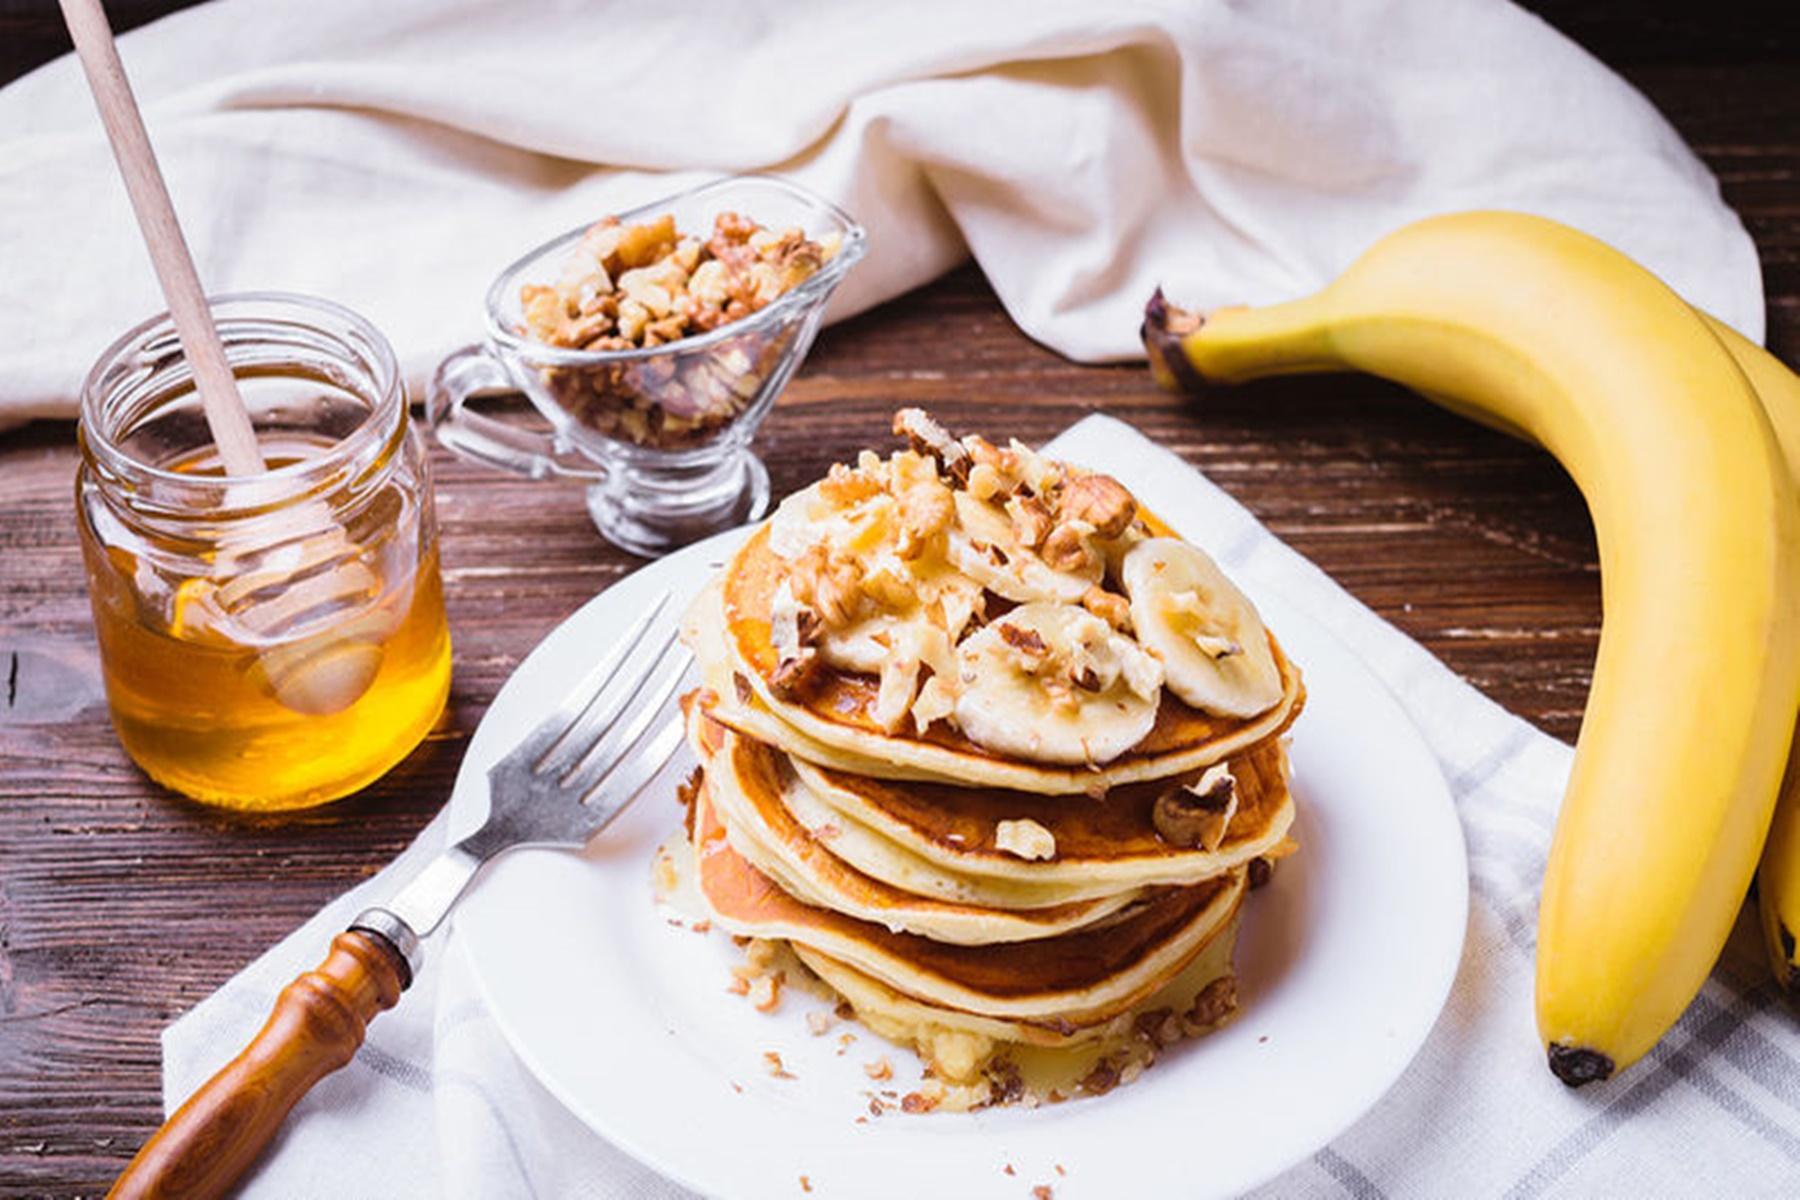 Διατροφή : Συμβουλές για θρεπτικό πρωινό